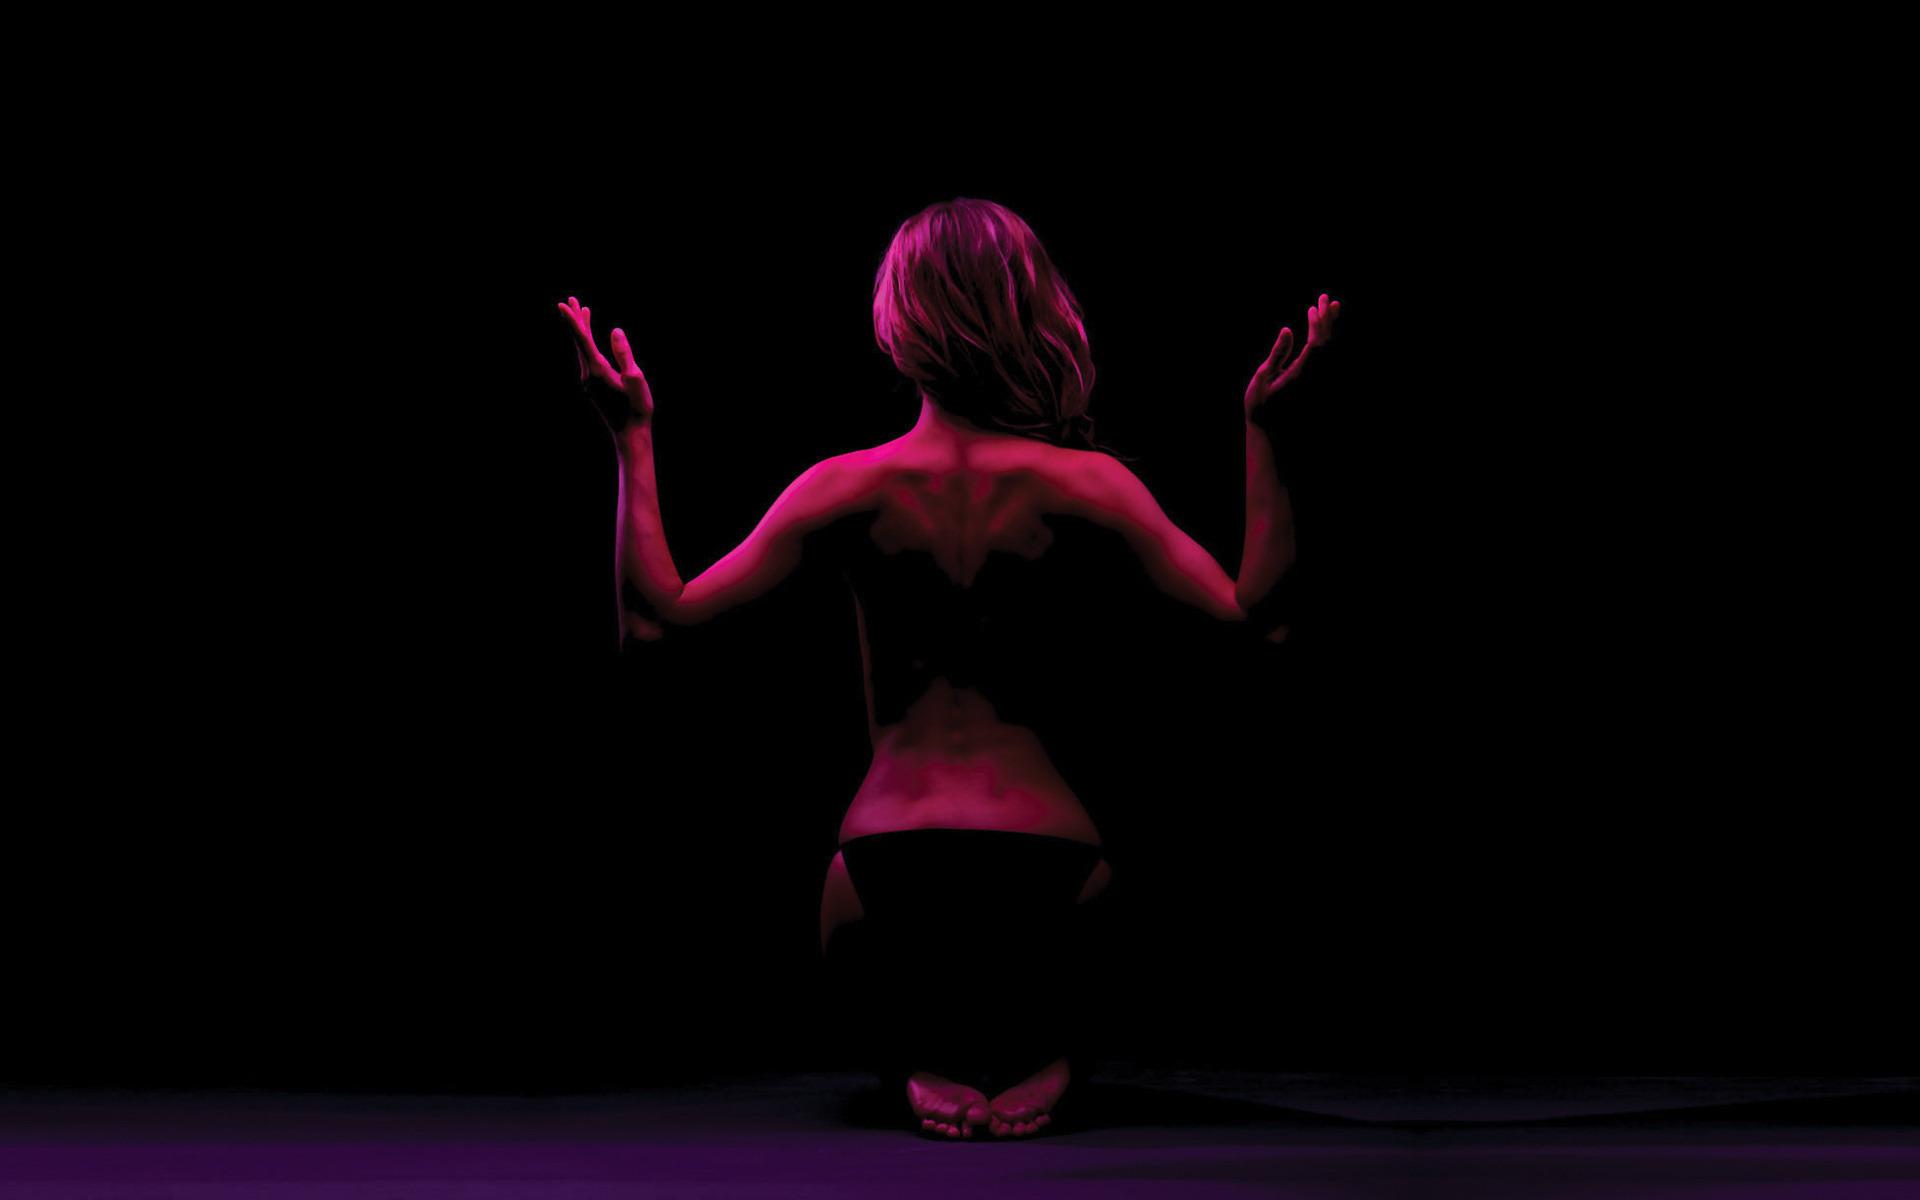 Фигура девушки в темноте фото